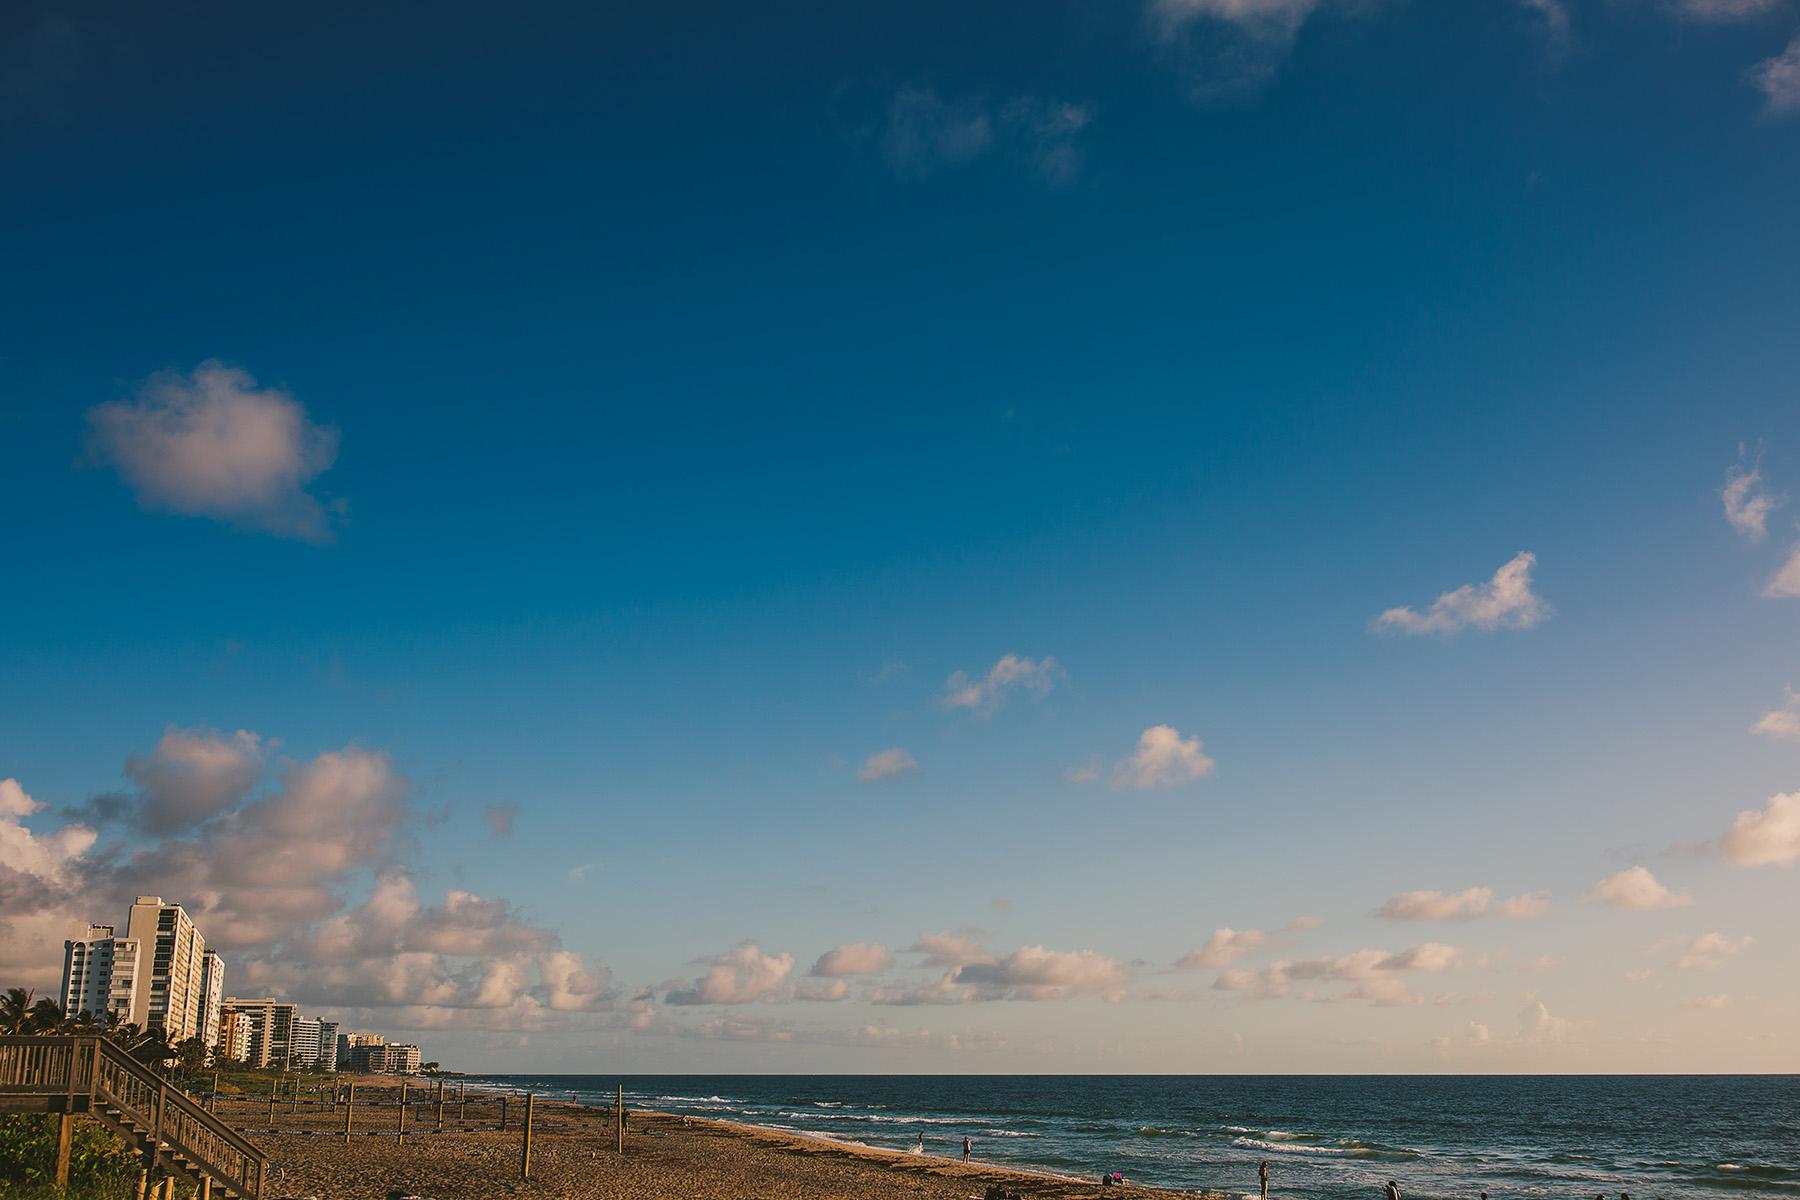 deerfield-beach-blue-skies-ocean-tiny-house-photo.jpg